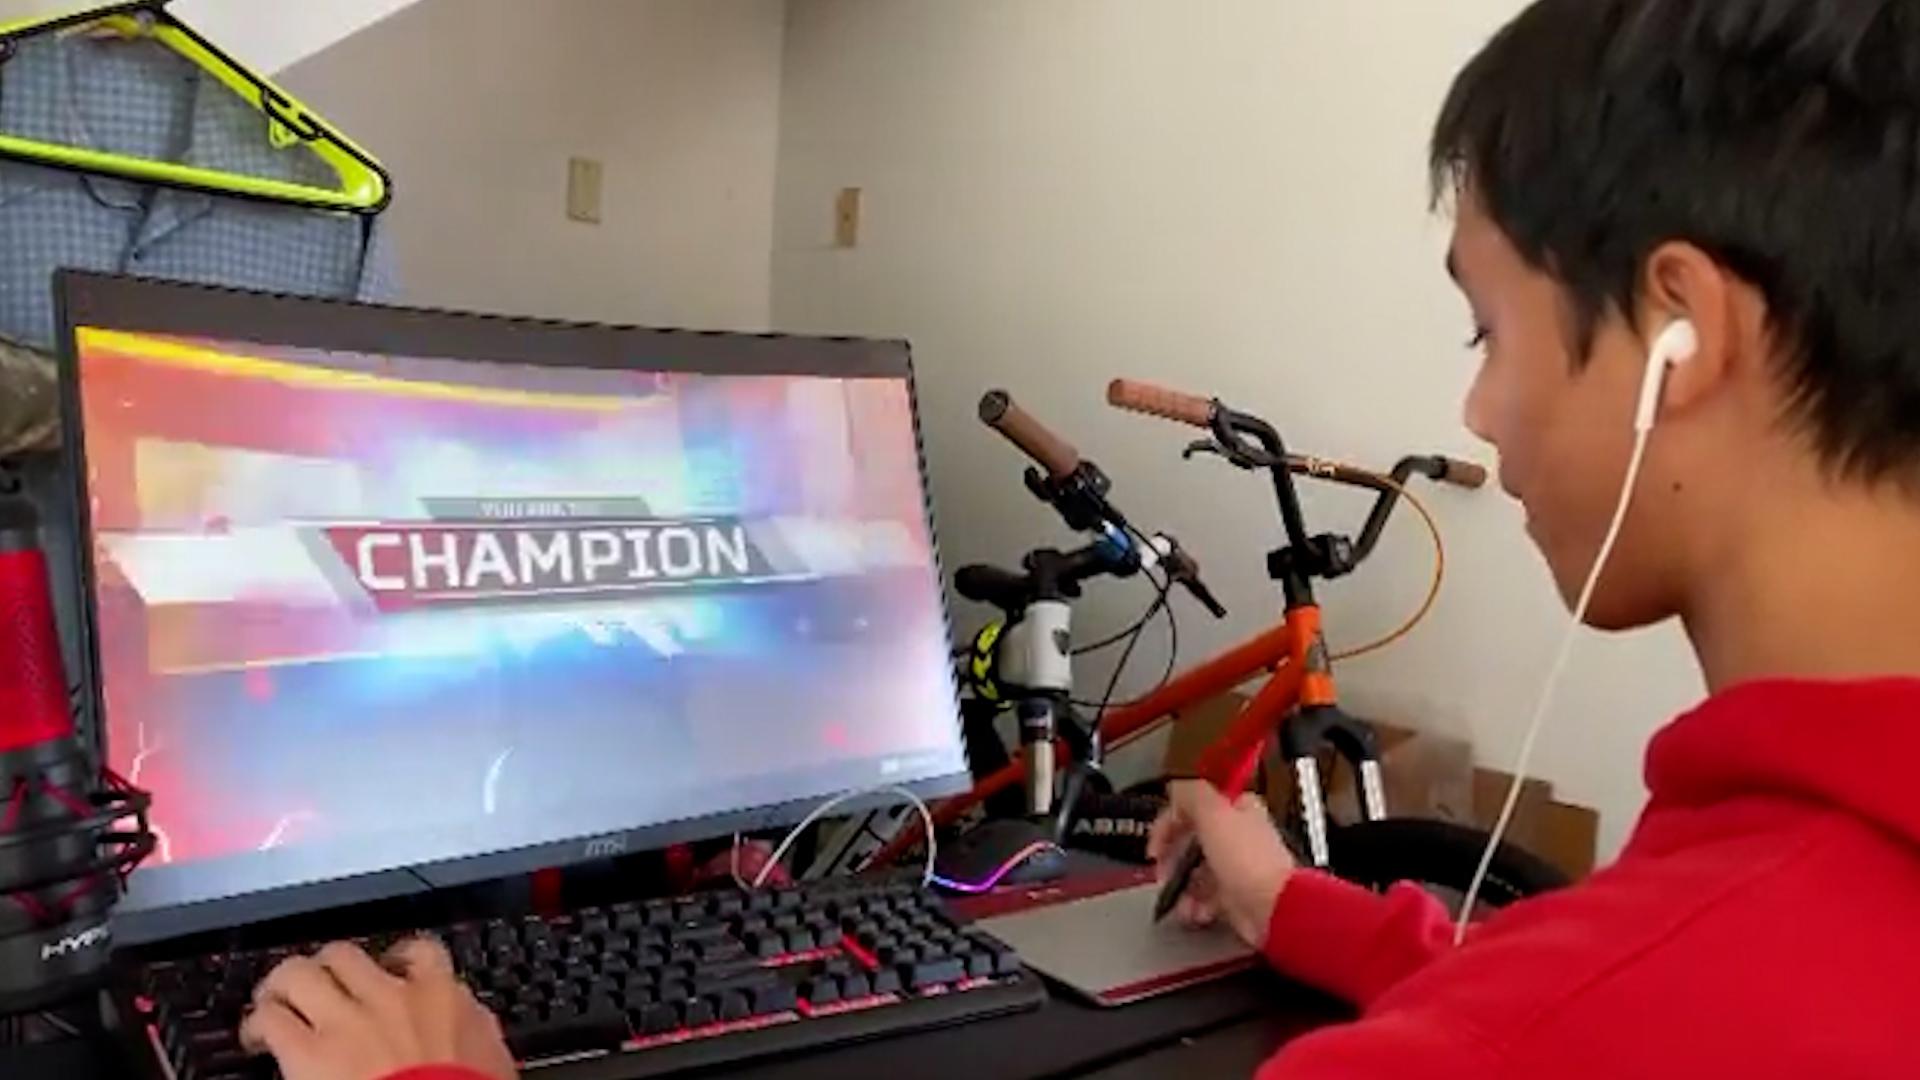 【!?】マウスの代わりにペンタブレットでプレイしてチャンピオンを取るプレイヤー現るwww